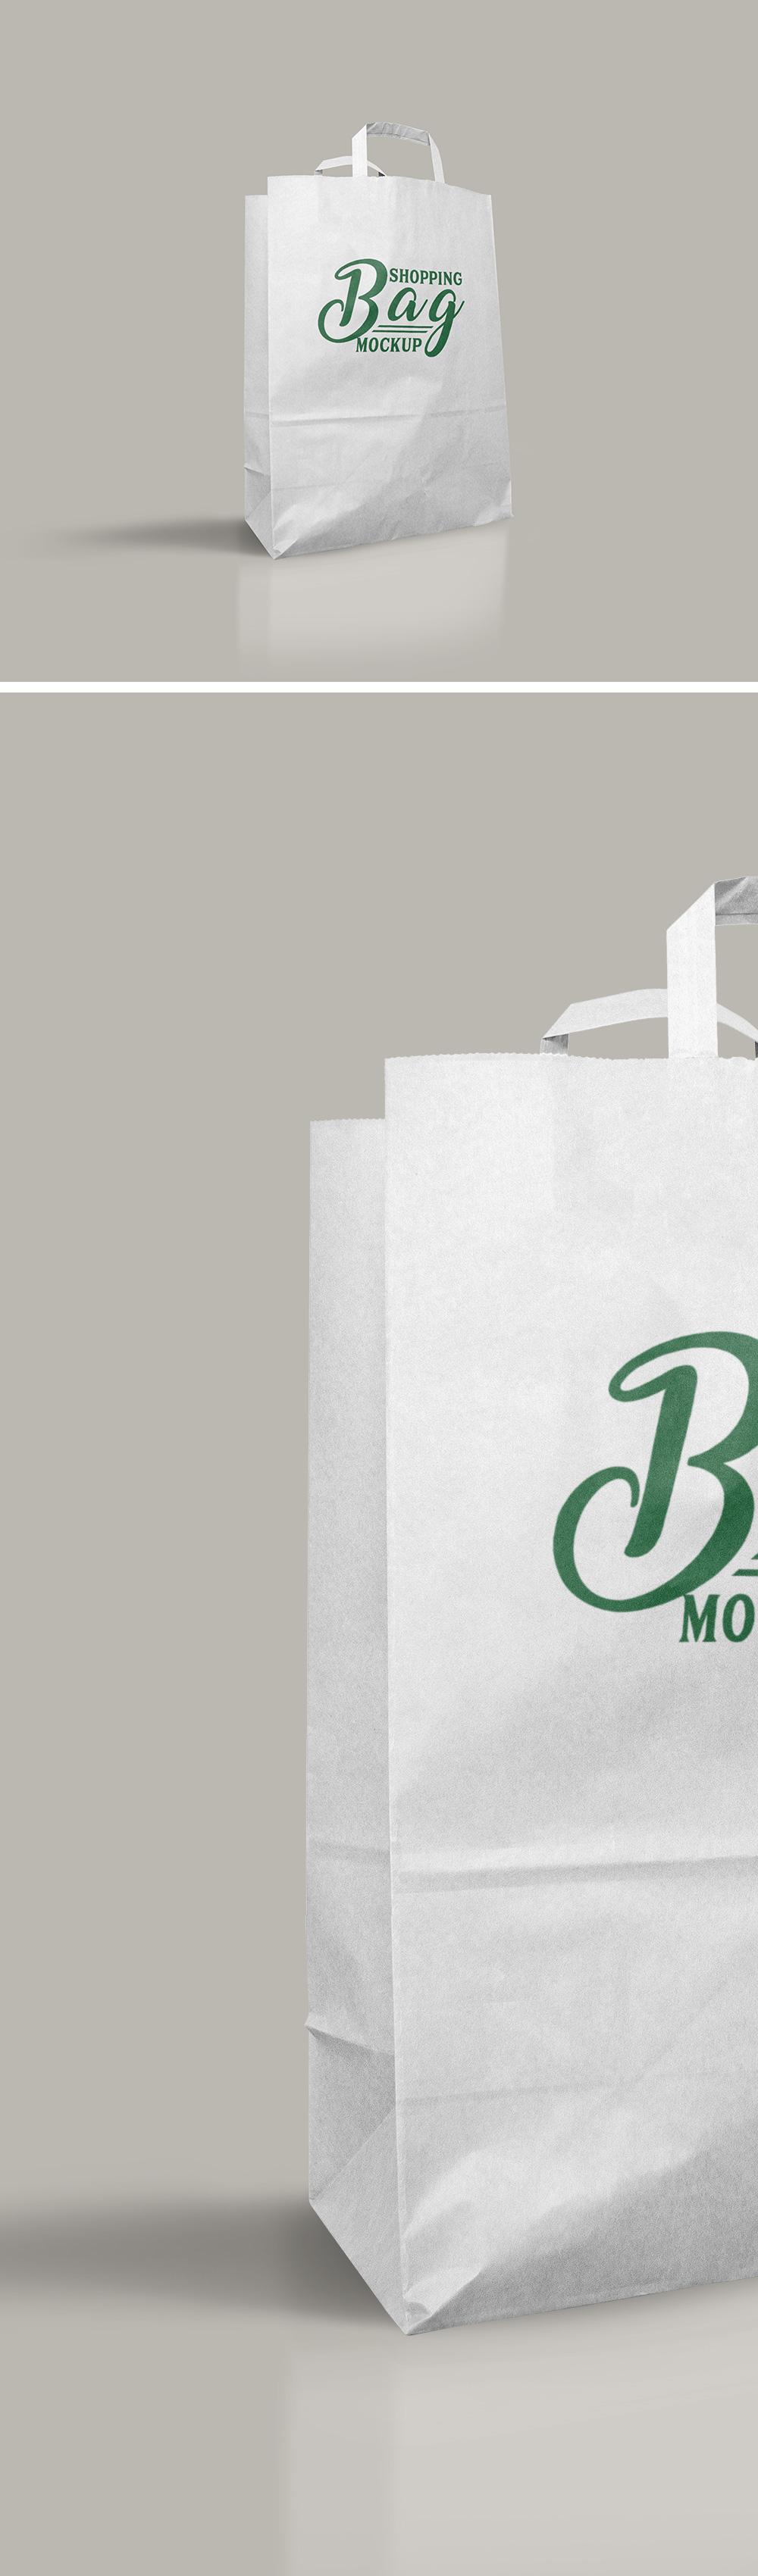 Light Shopping Bag Mockup